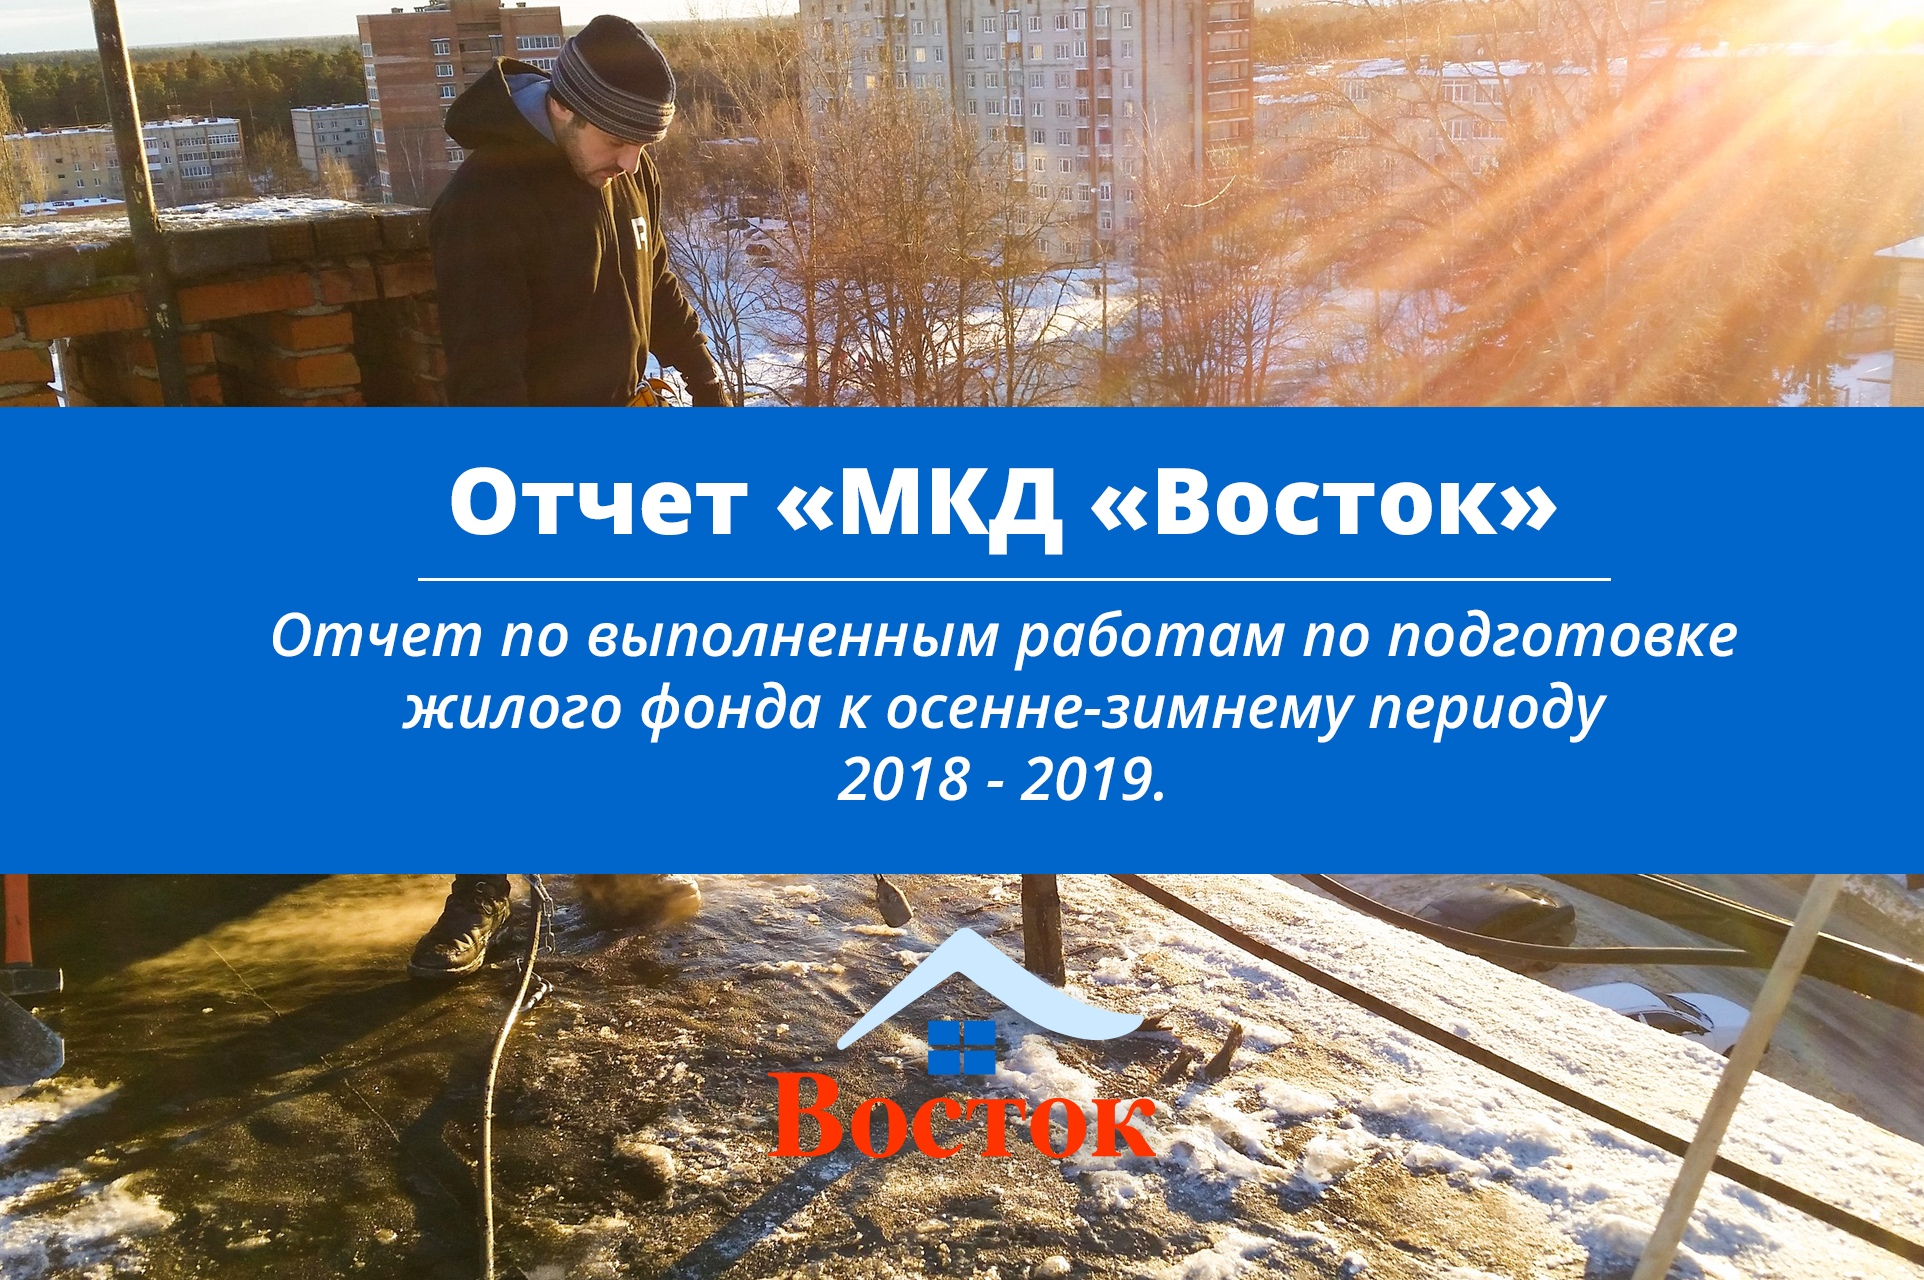 Отчет «МКД «Восток» по выполненным работам по подготовке жилого фонда к осенне-зимнему периоду